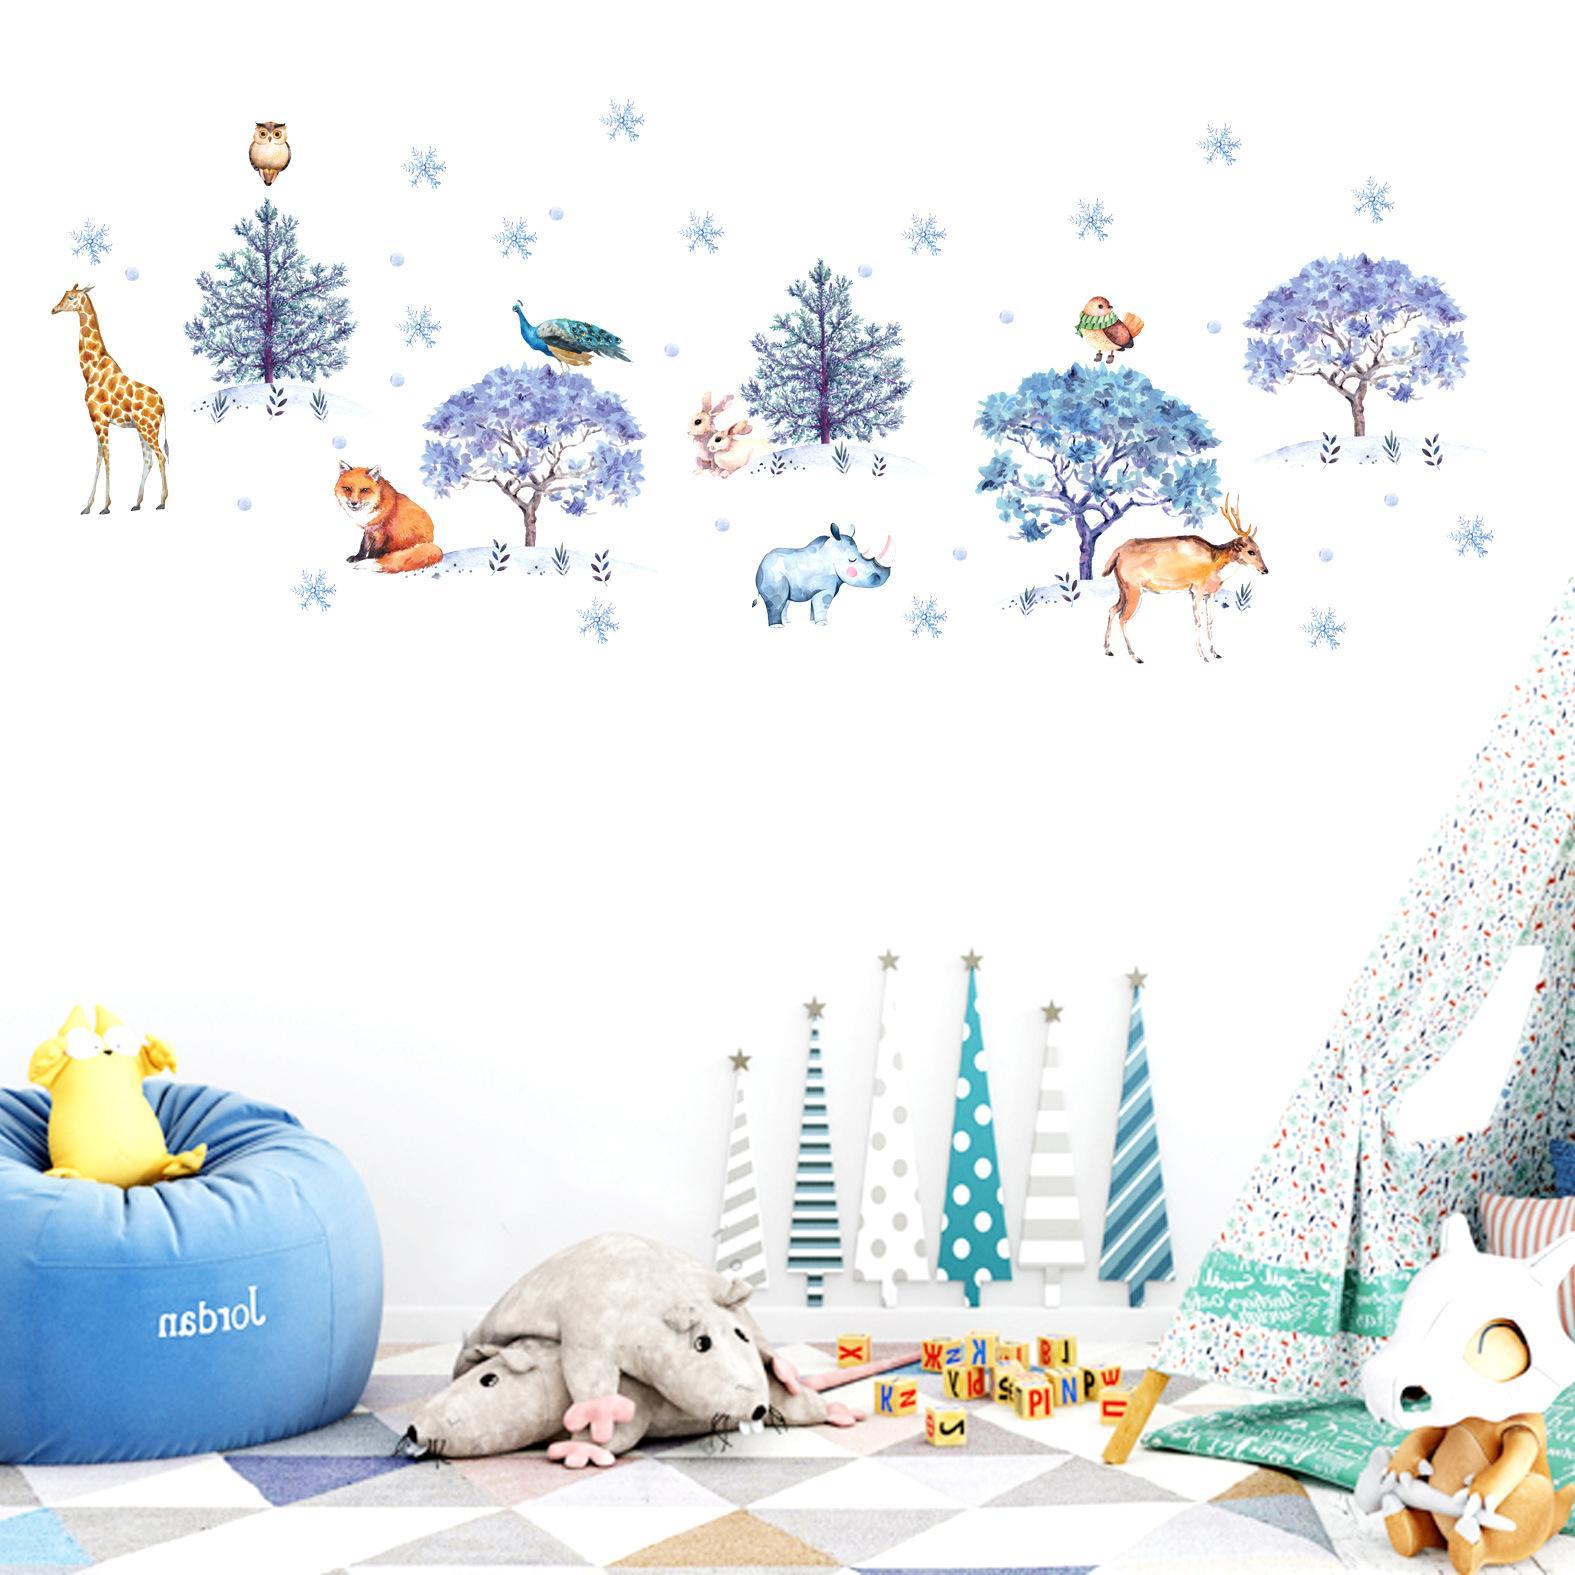 Adesivi Da Parete Per Bambini.New Wall Sticker Snowflake Forest Animal Adesivo Per Camerette Decorativo Da Parete Per Bambini